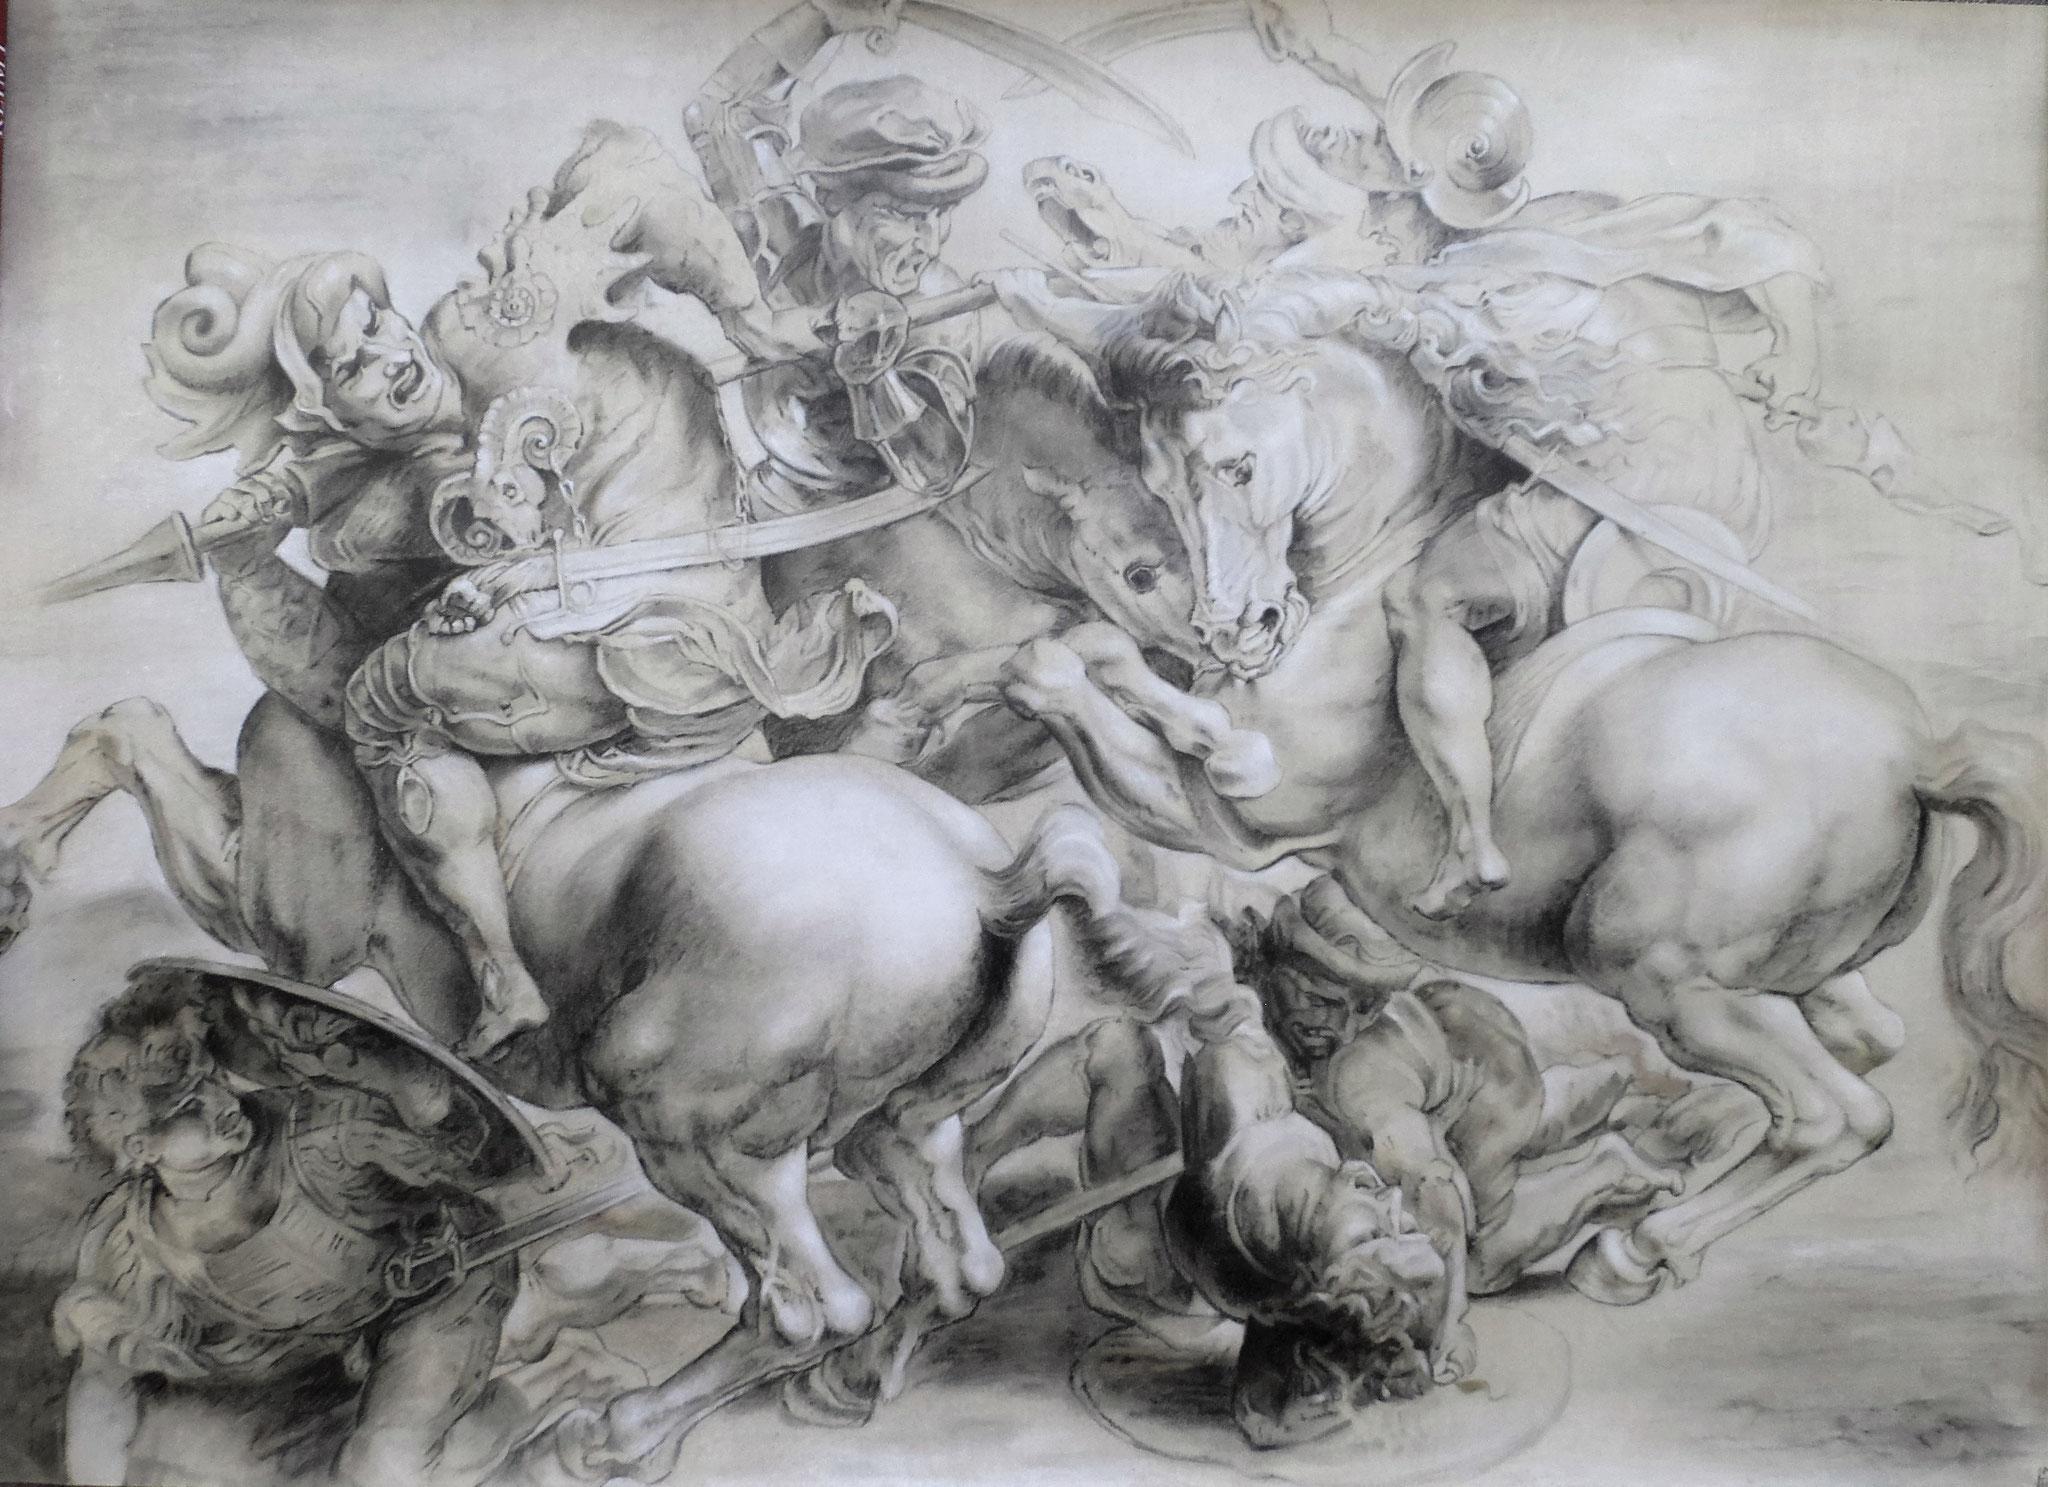 'Anghiarischlacht' nach P.P.Rubens, Graphit und Pastellkreide auf Papier, 112,8 x 80,8 cm